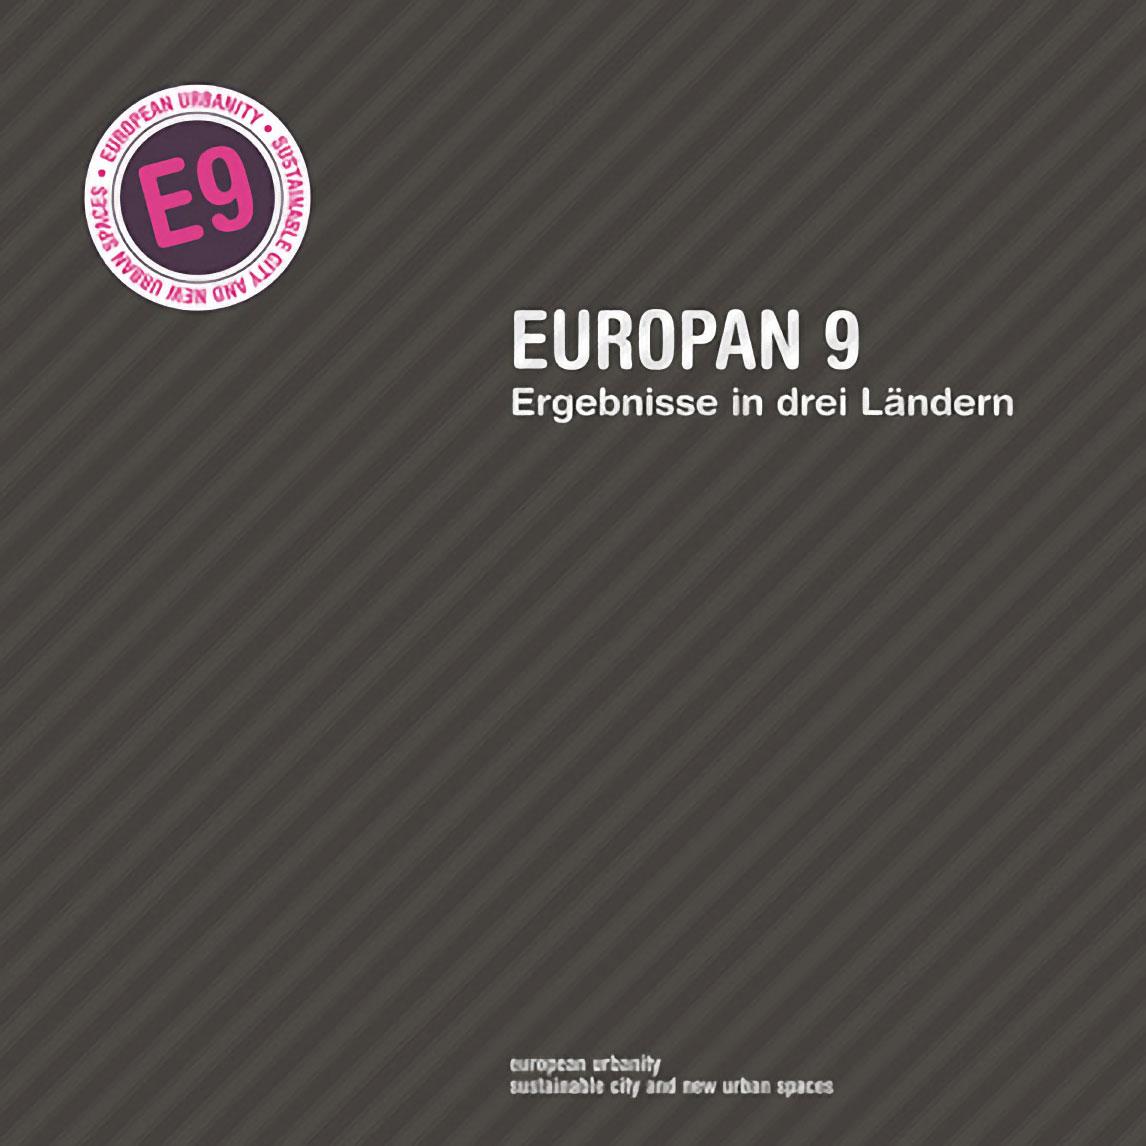 Europan 9<br /> European Urbanity / Nachhaltige Stadt und neue öffentliche Räume